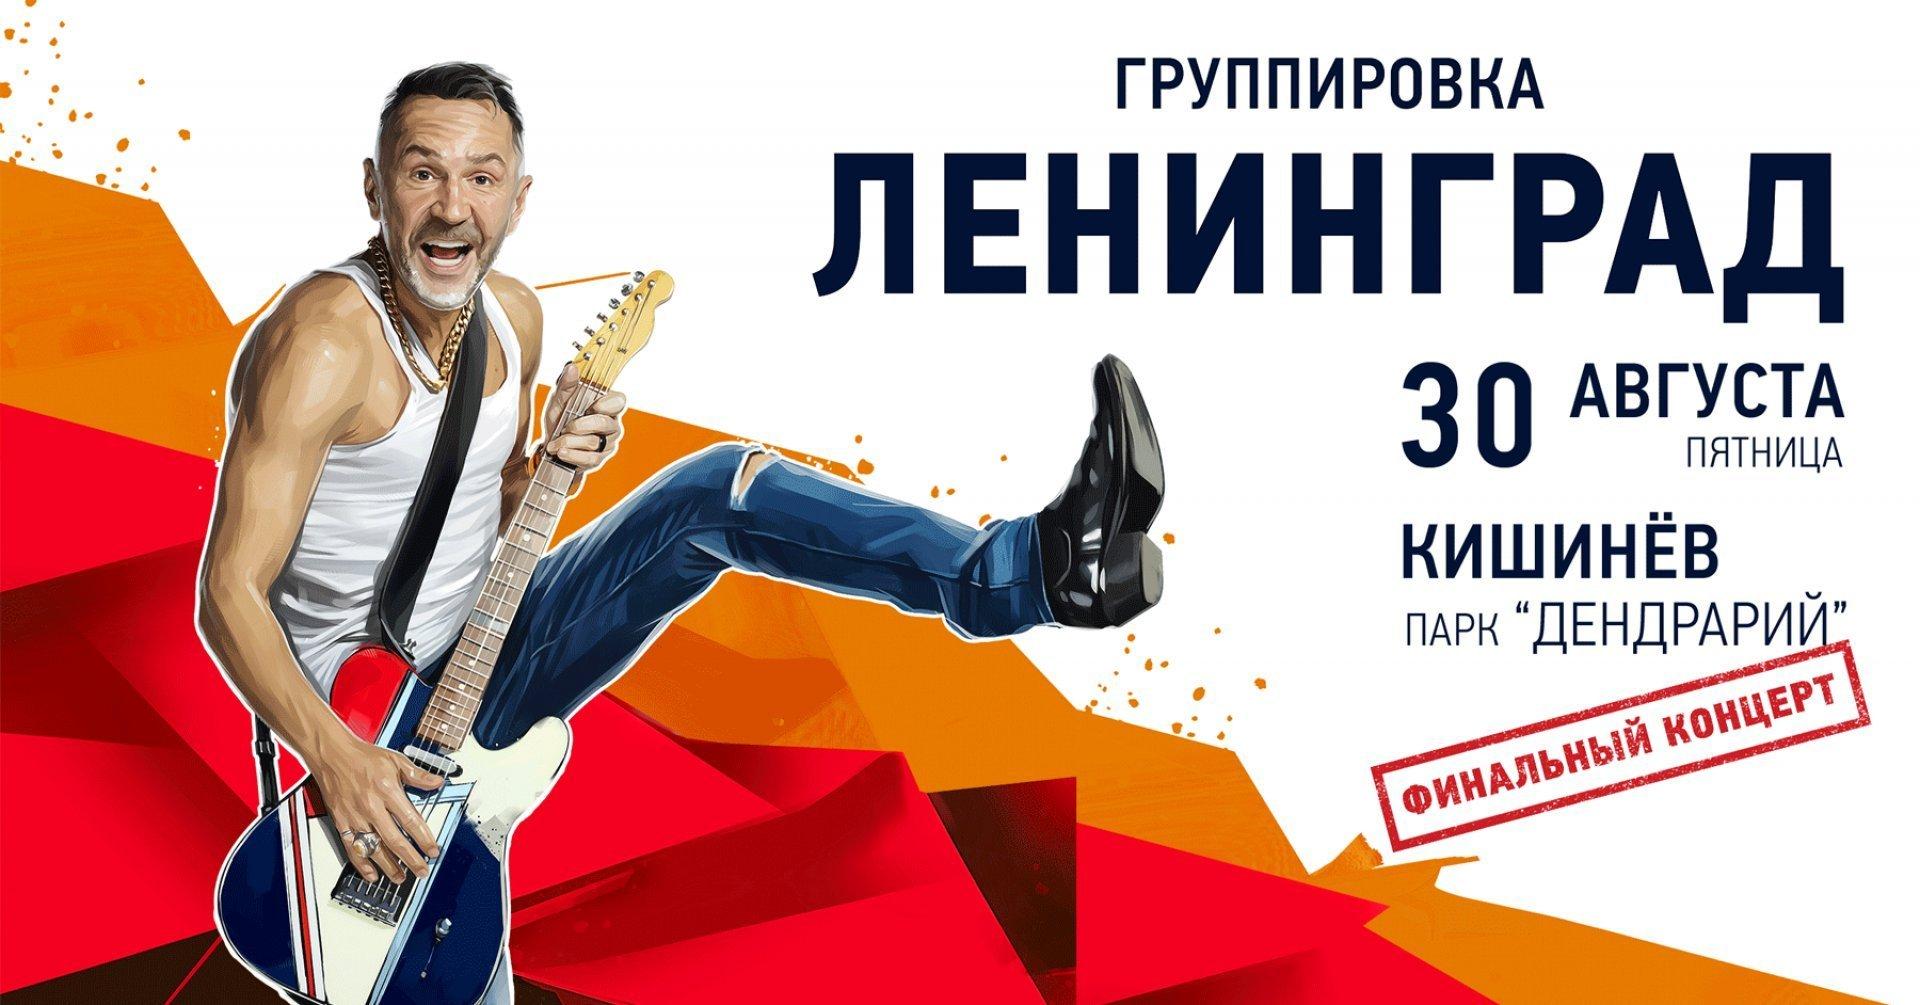 Ленинград - Финальный концерт